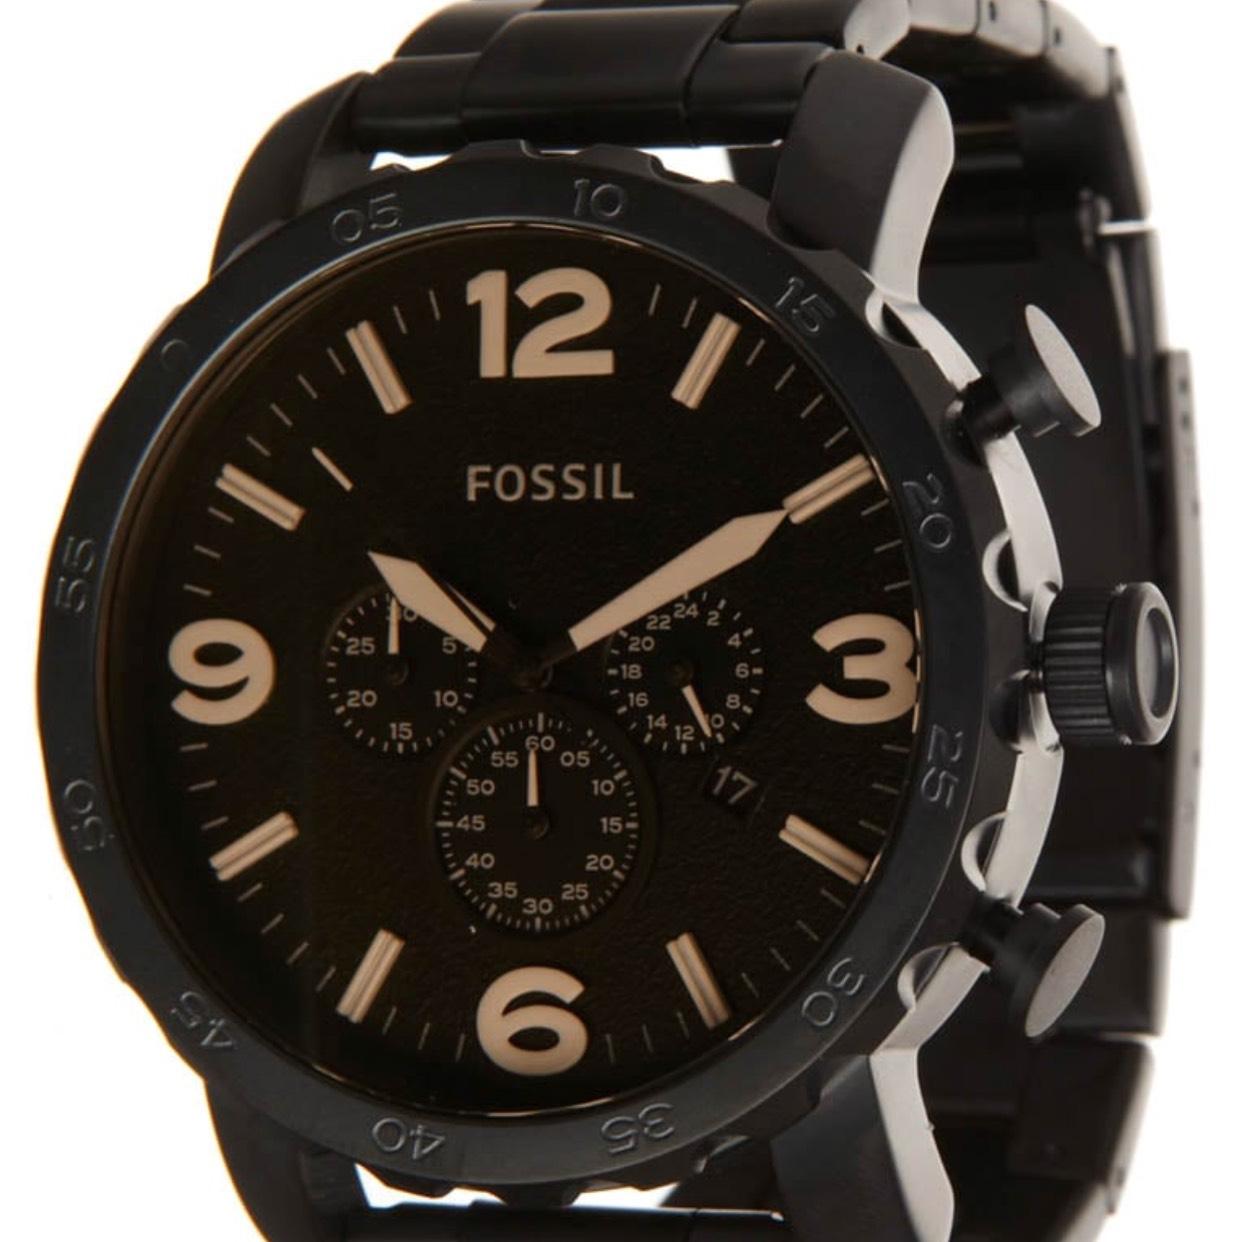 Zegarek Fossil JR1356 z kodem promocyjnym !